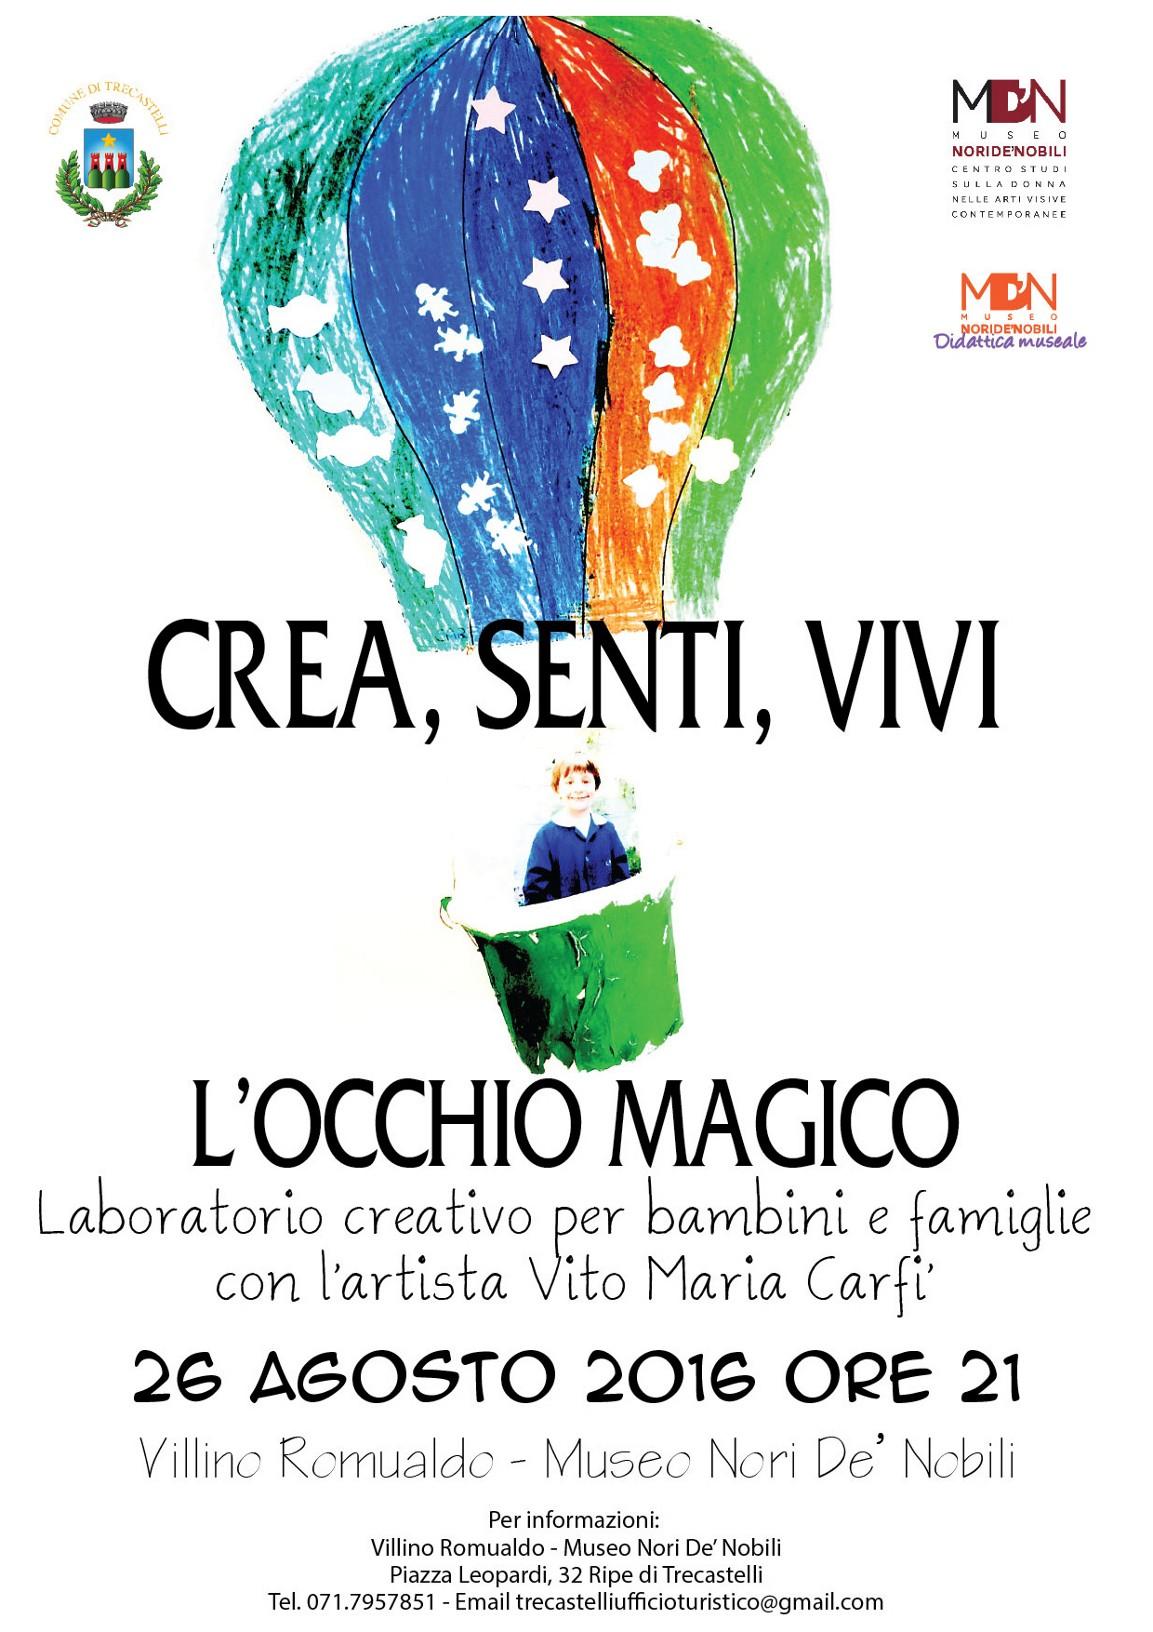 Trecastelli, al Villino Romualdo un laboratorio per bambini e famiglie